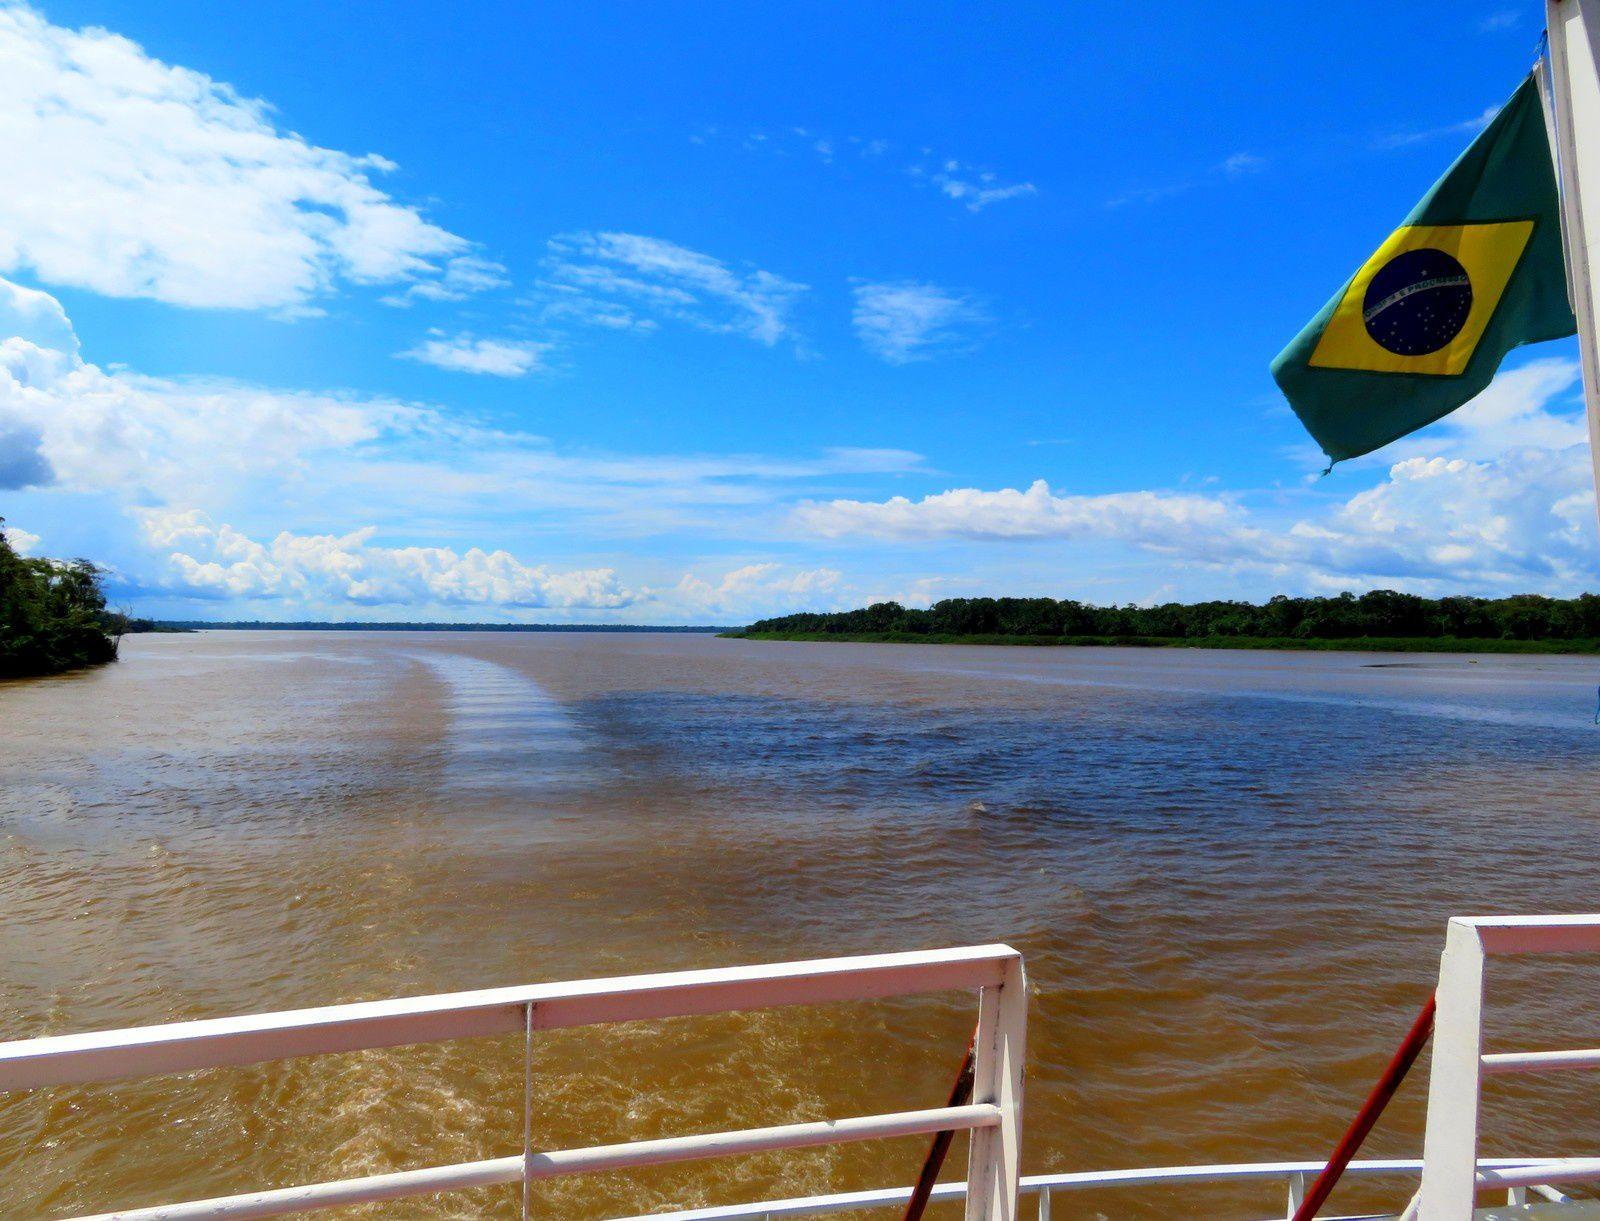 La traversée de l'Amazone